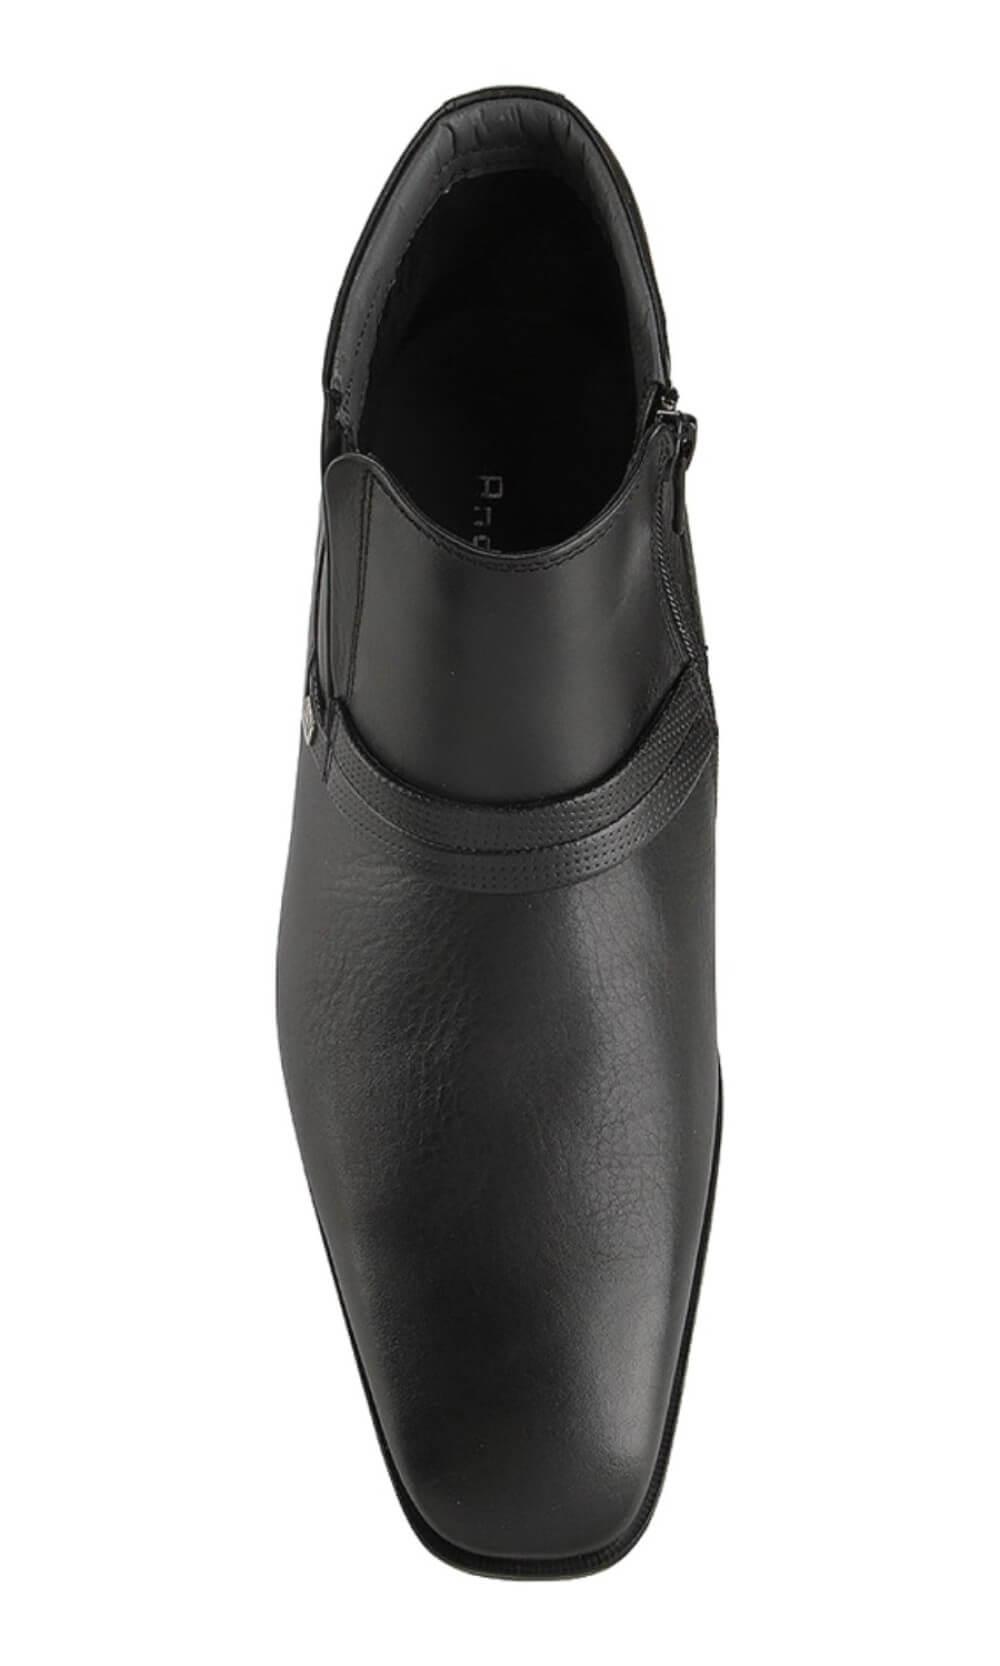 150117114738_Andretelli men cesare boots hitam atas_zoom